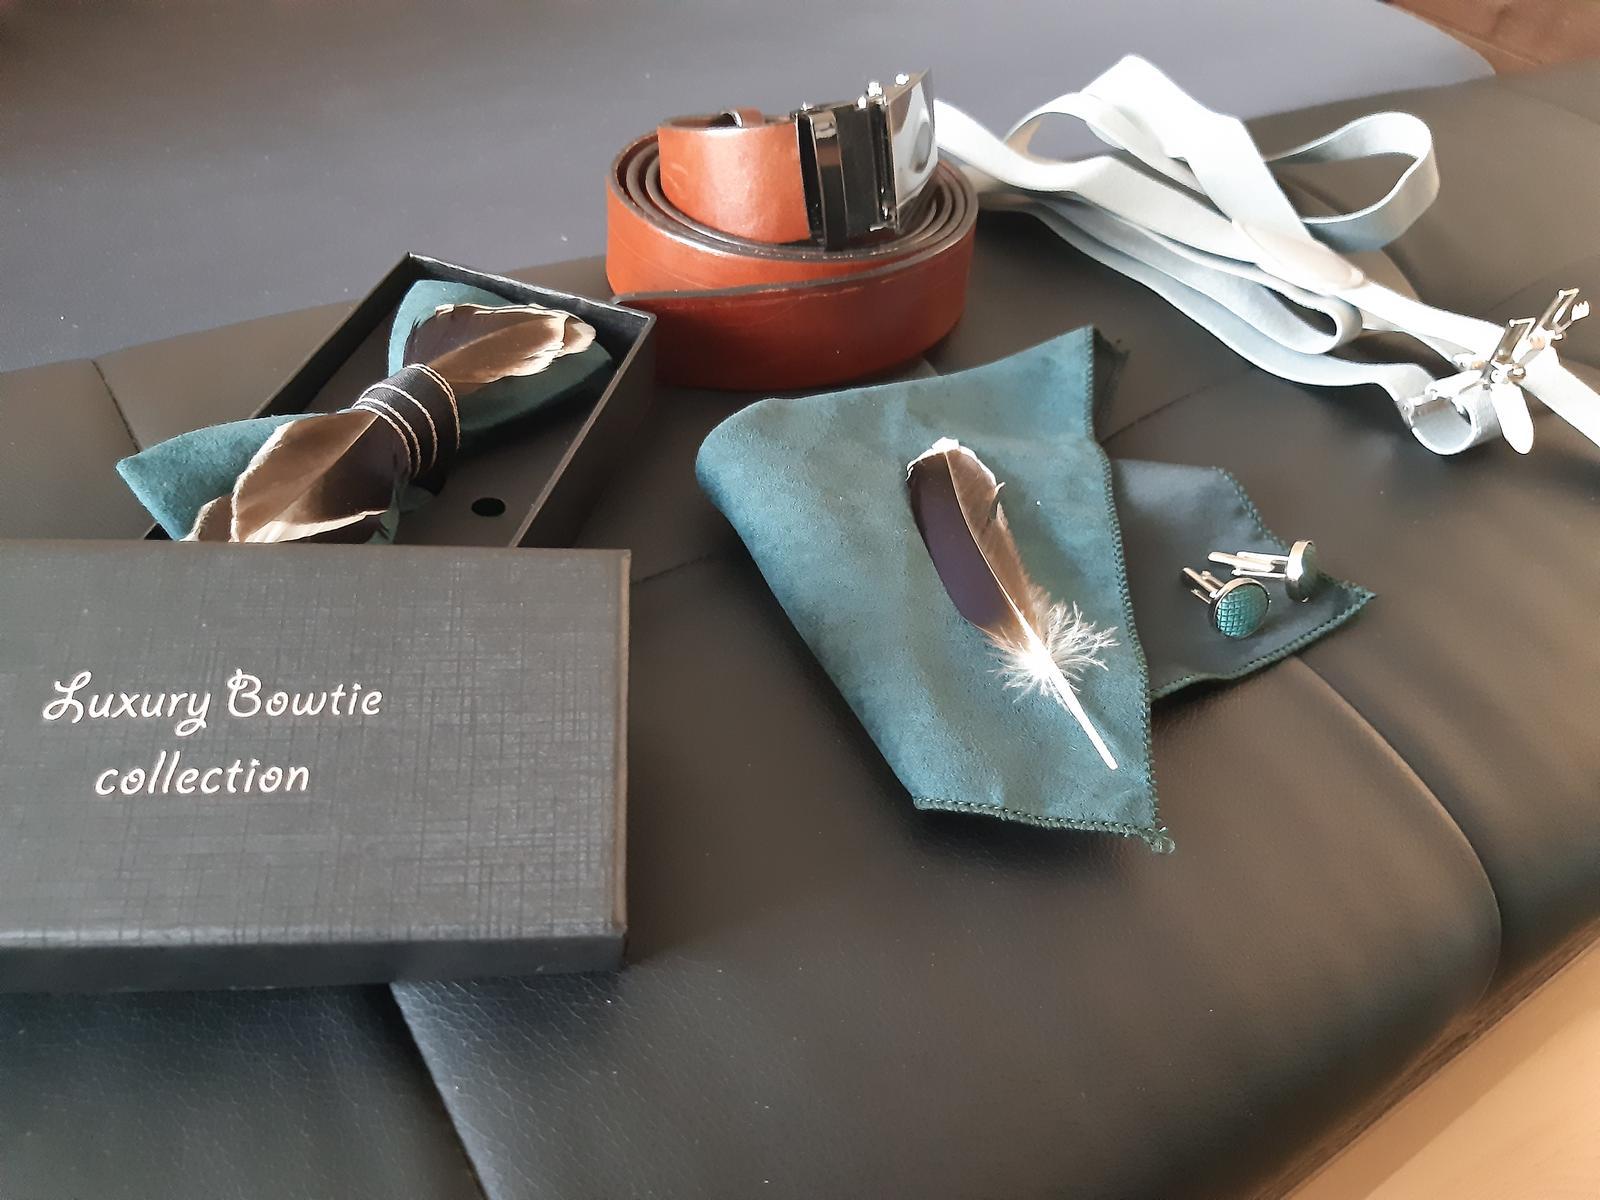 Pánske set motýlik, vreckovka a manžetové gombíky  - Obrázok č. 1